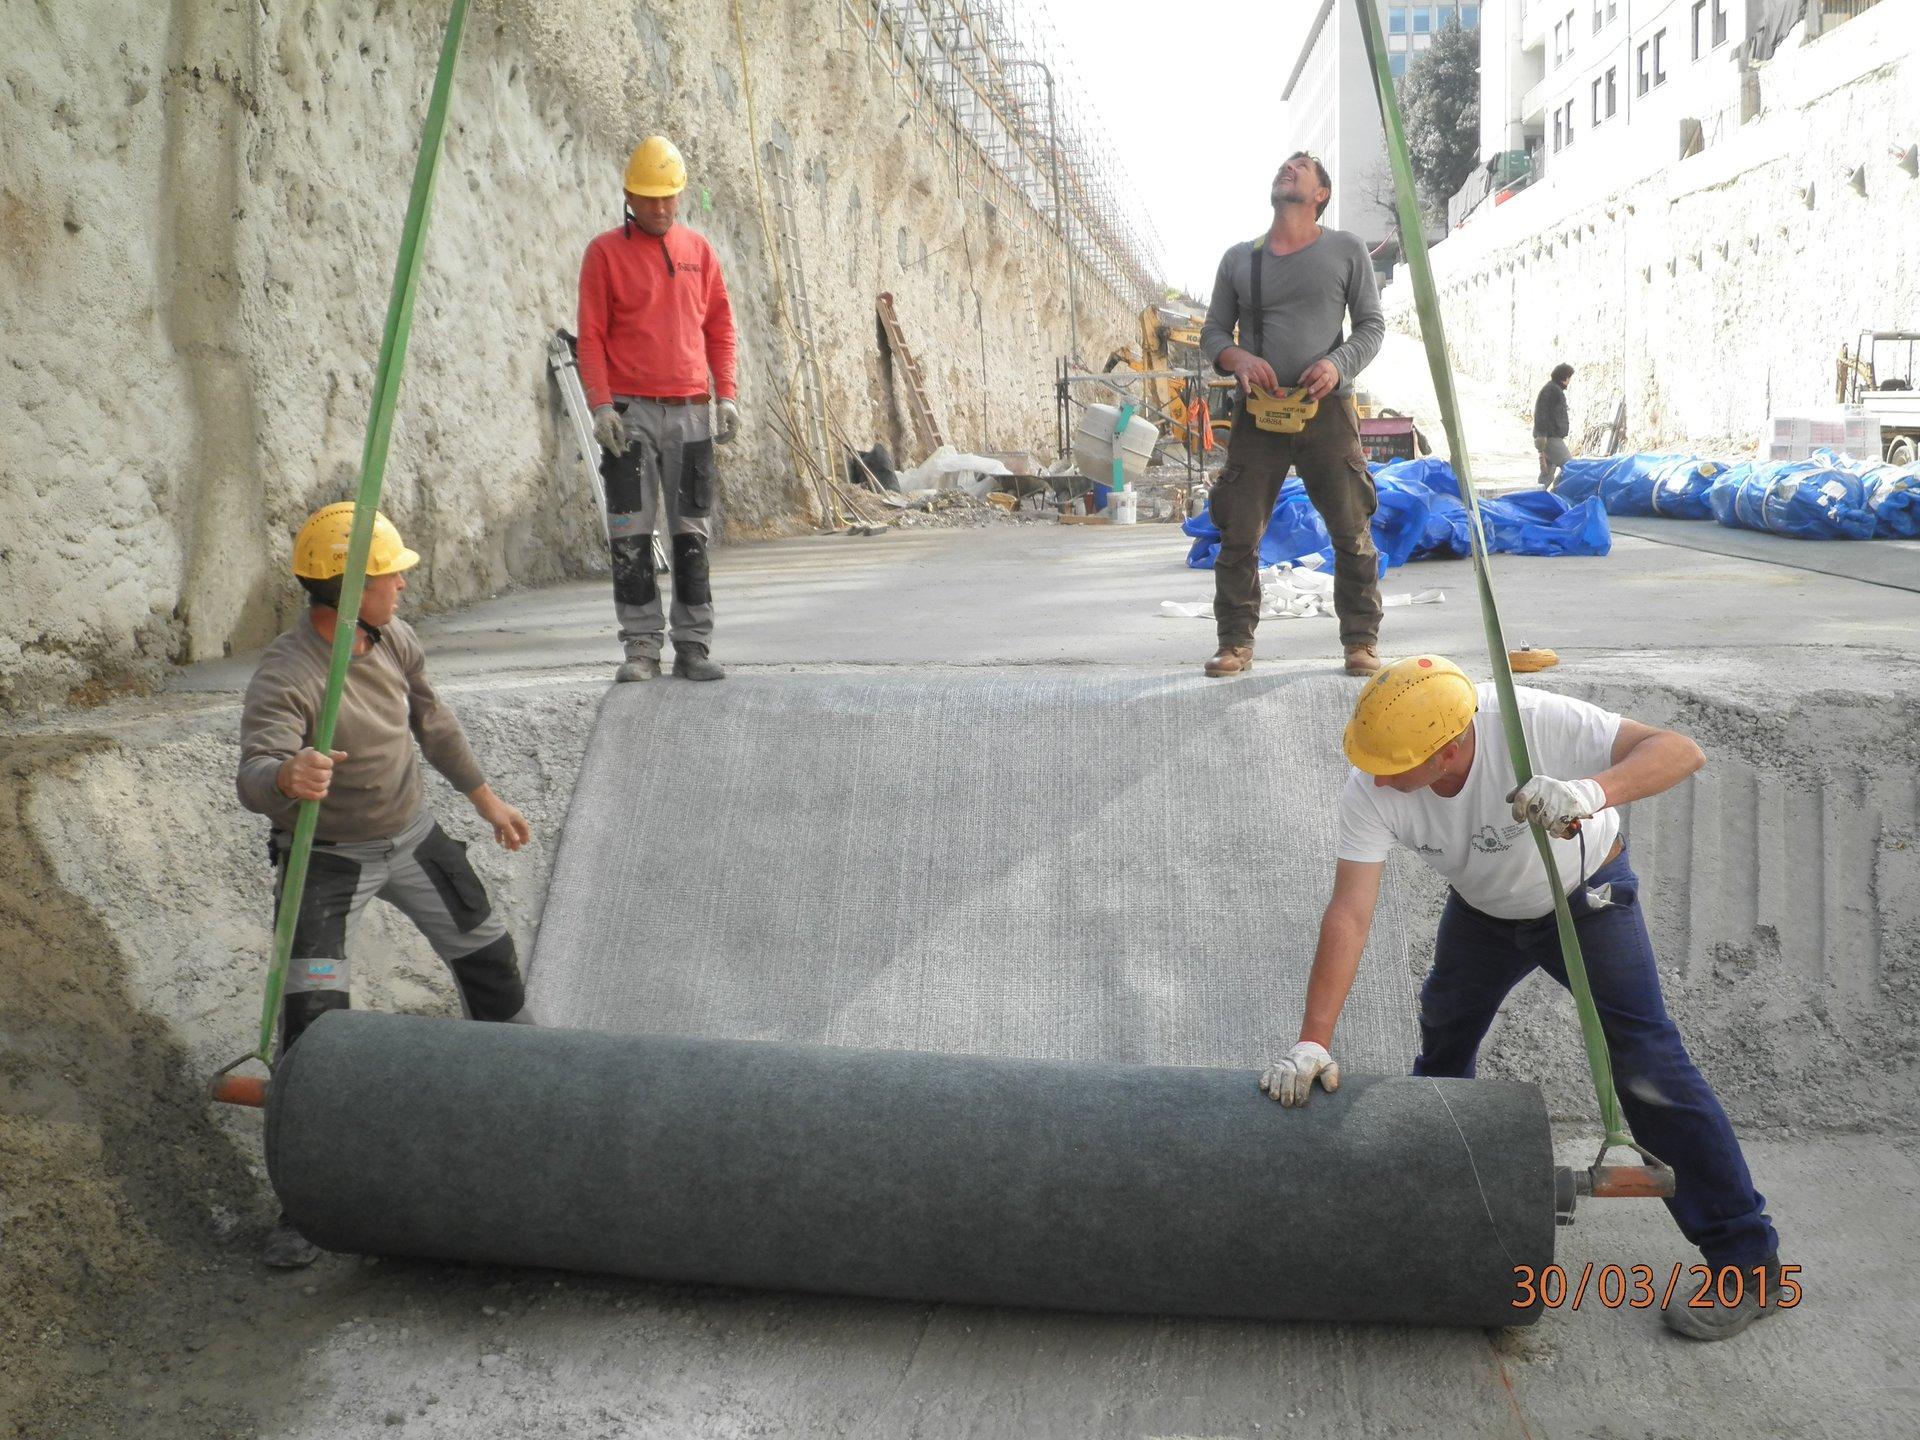 dei muratori che stendono un rotolo di tessuto impermeabili